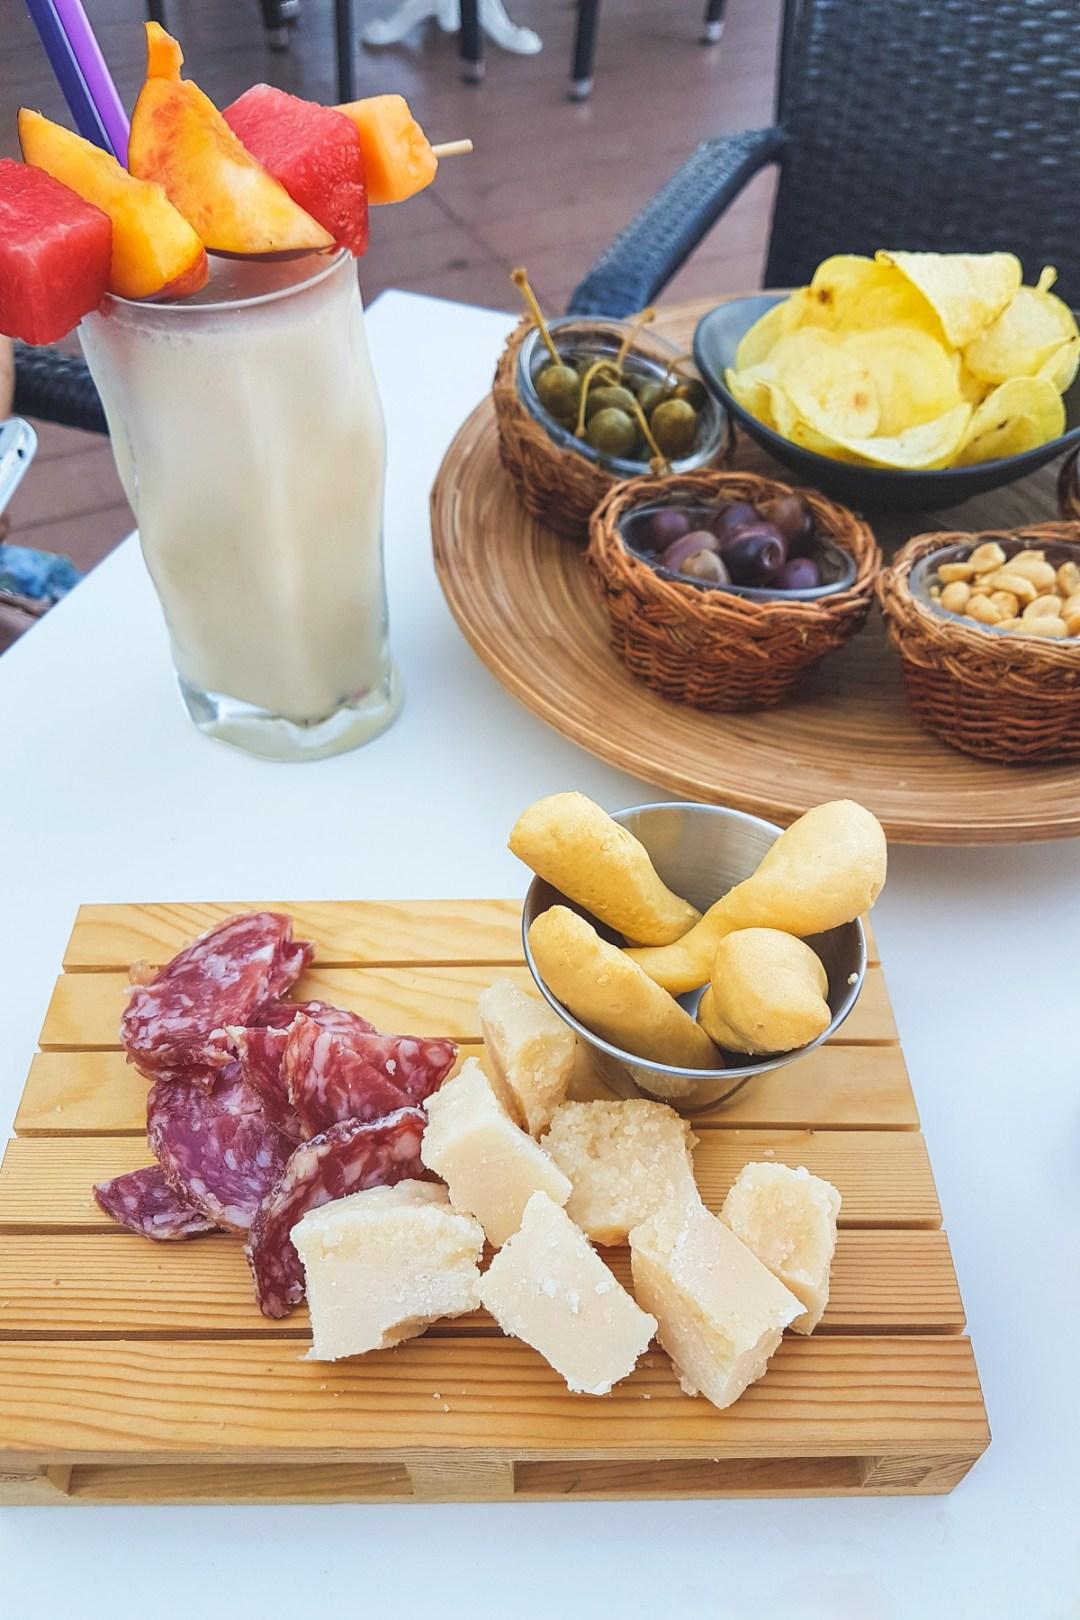 Antipasto and Cocktails at Bar Doria in Portovenere, Cinque Terre, Liguria, Italy